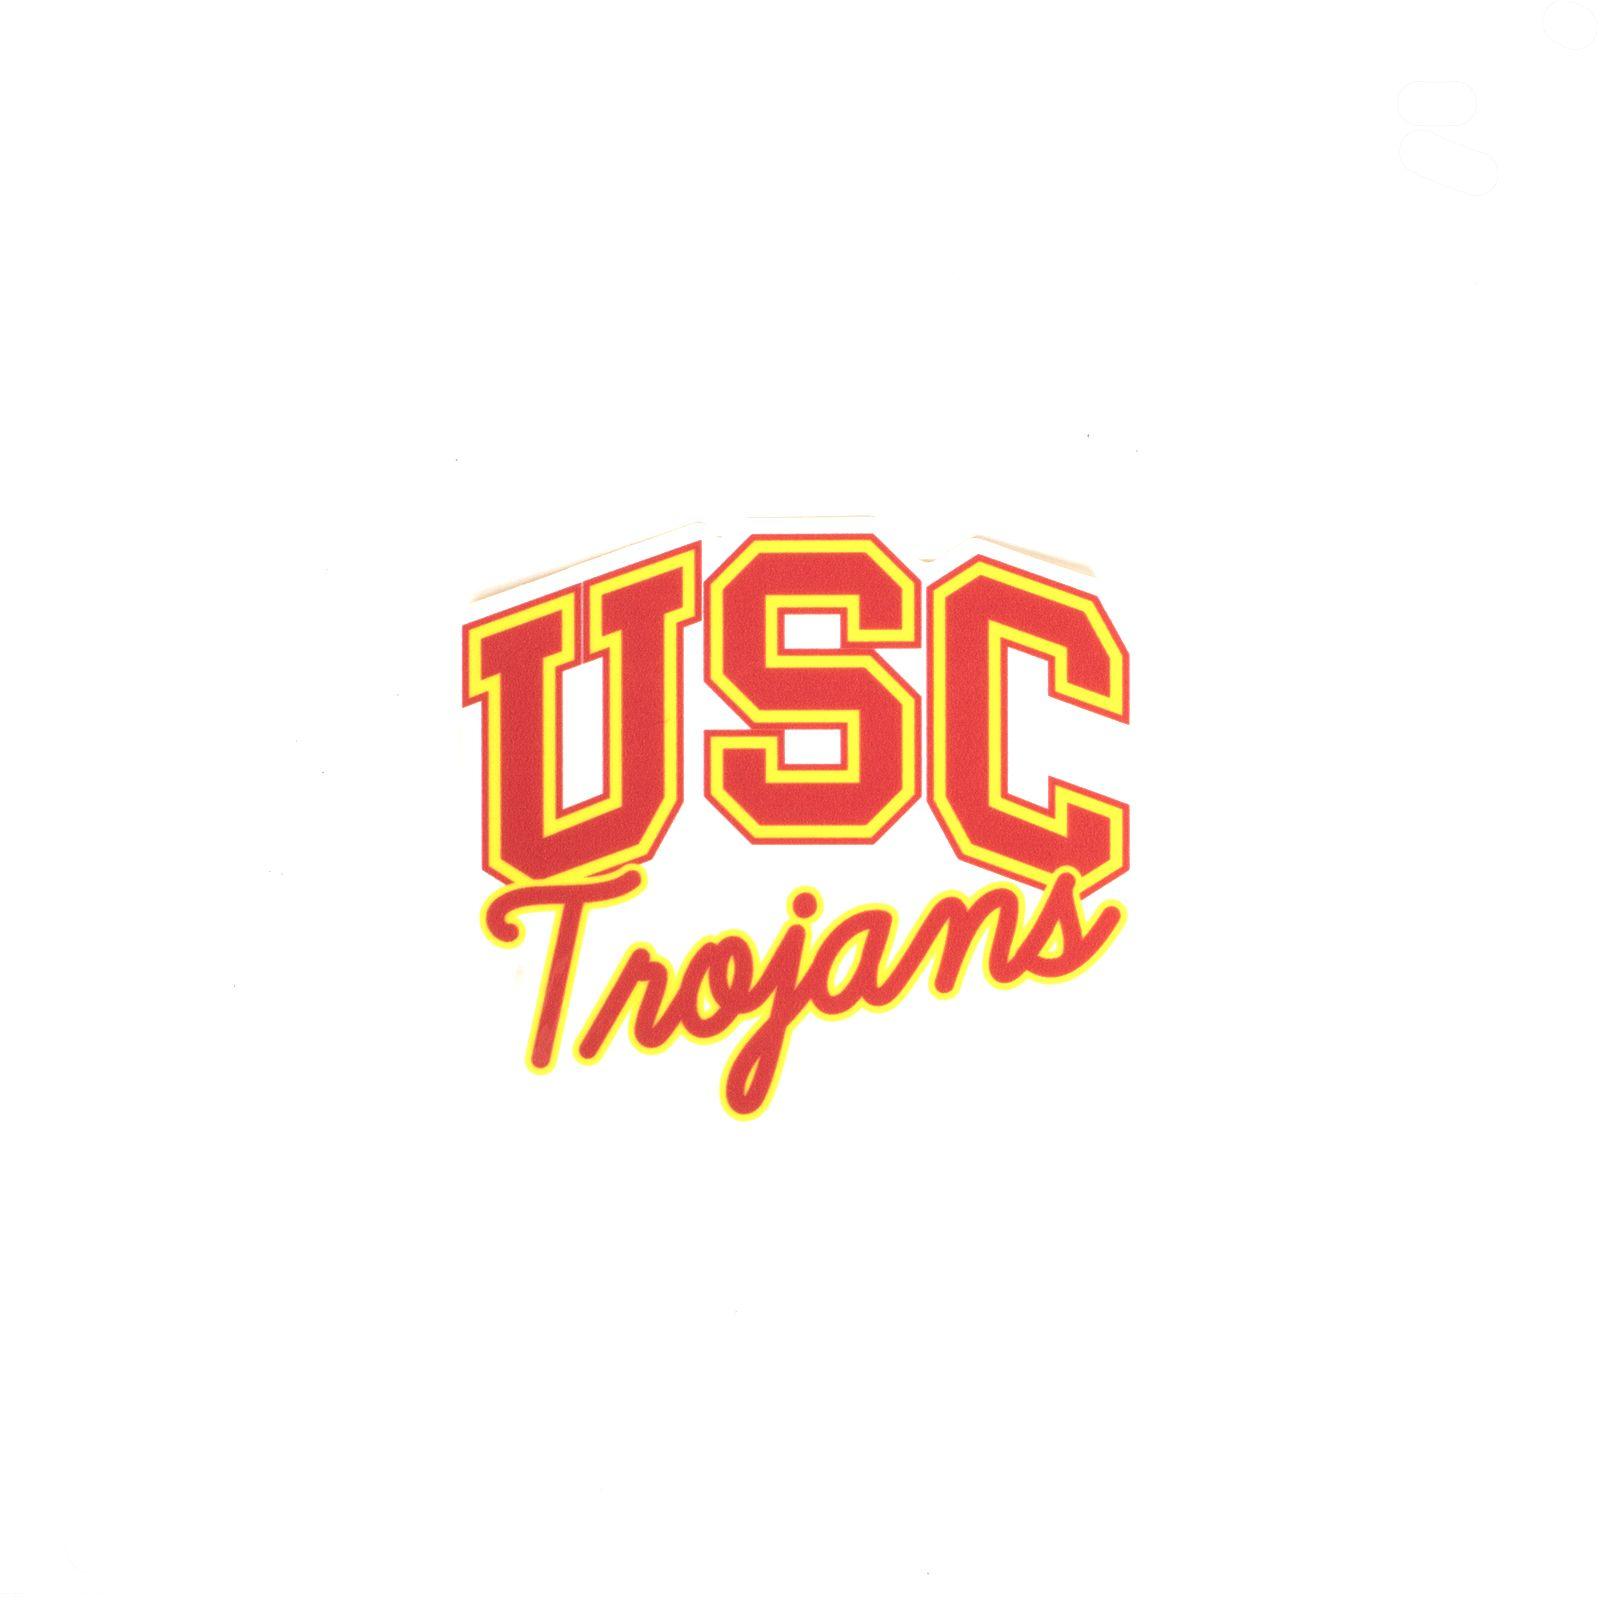 Usc Trojans Small Sticker Usc Trojans Usc Usc Trojans Football